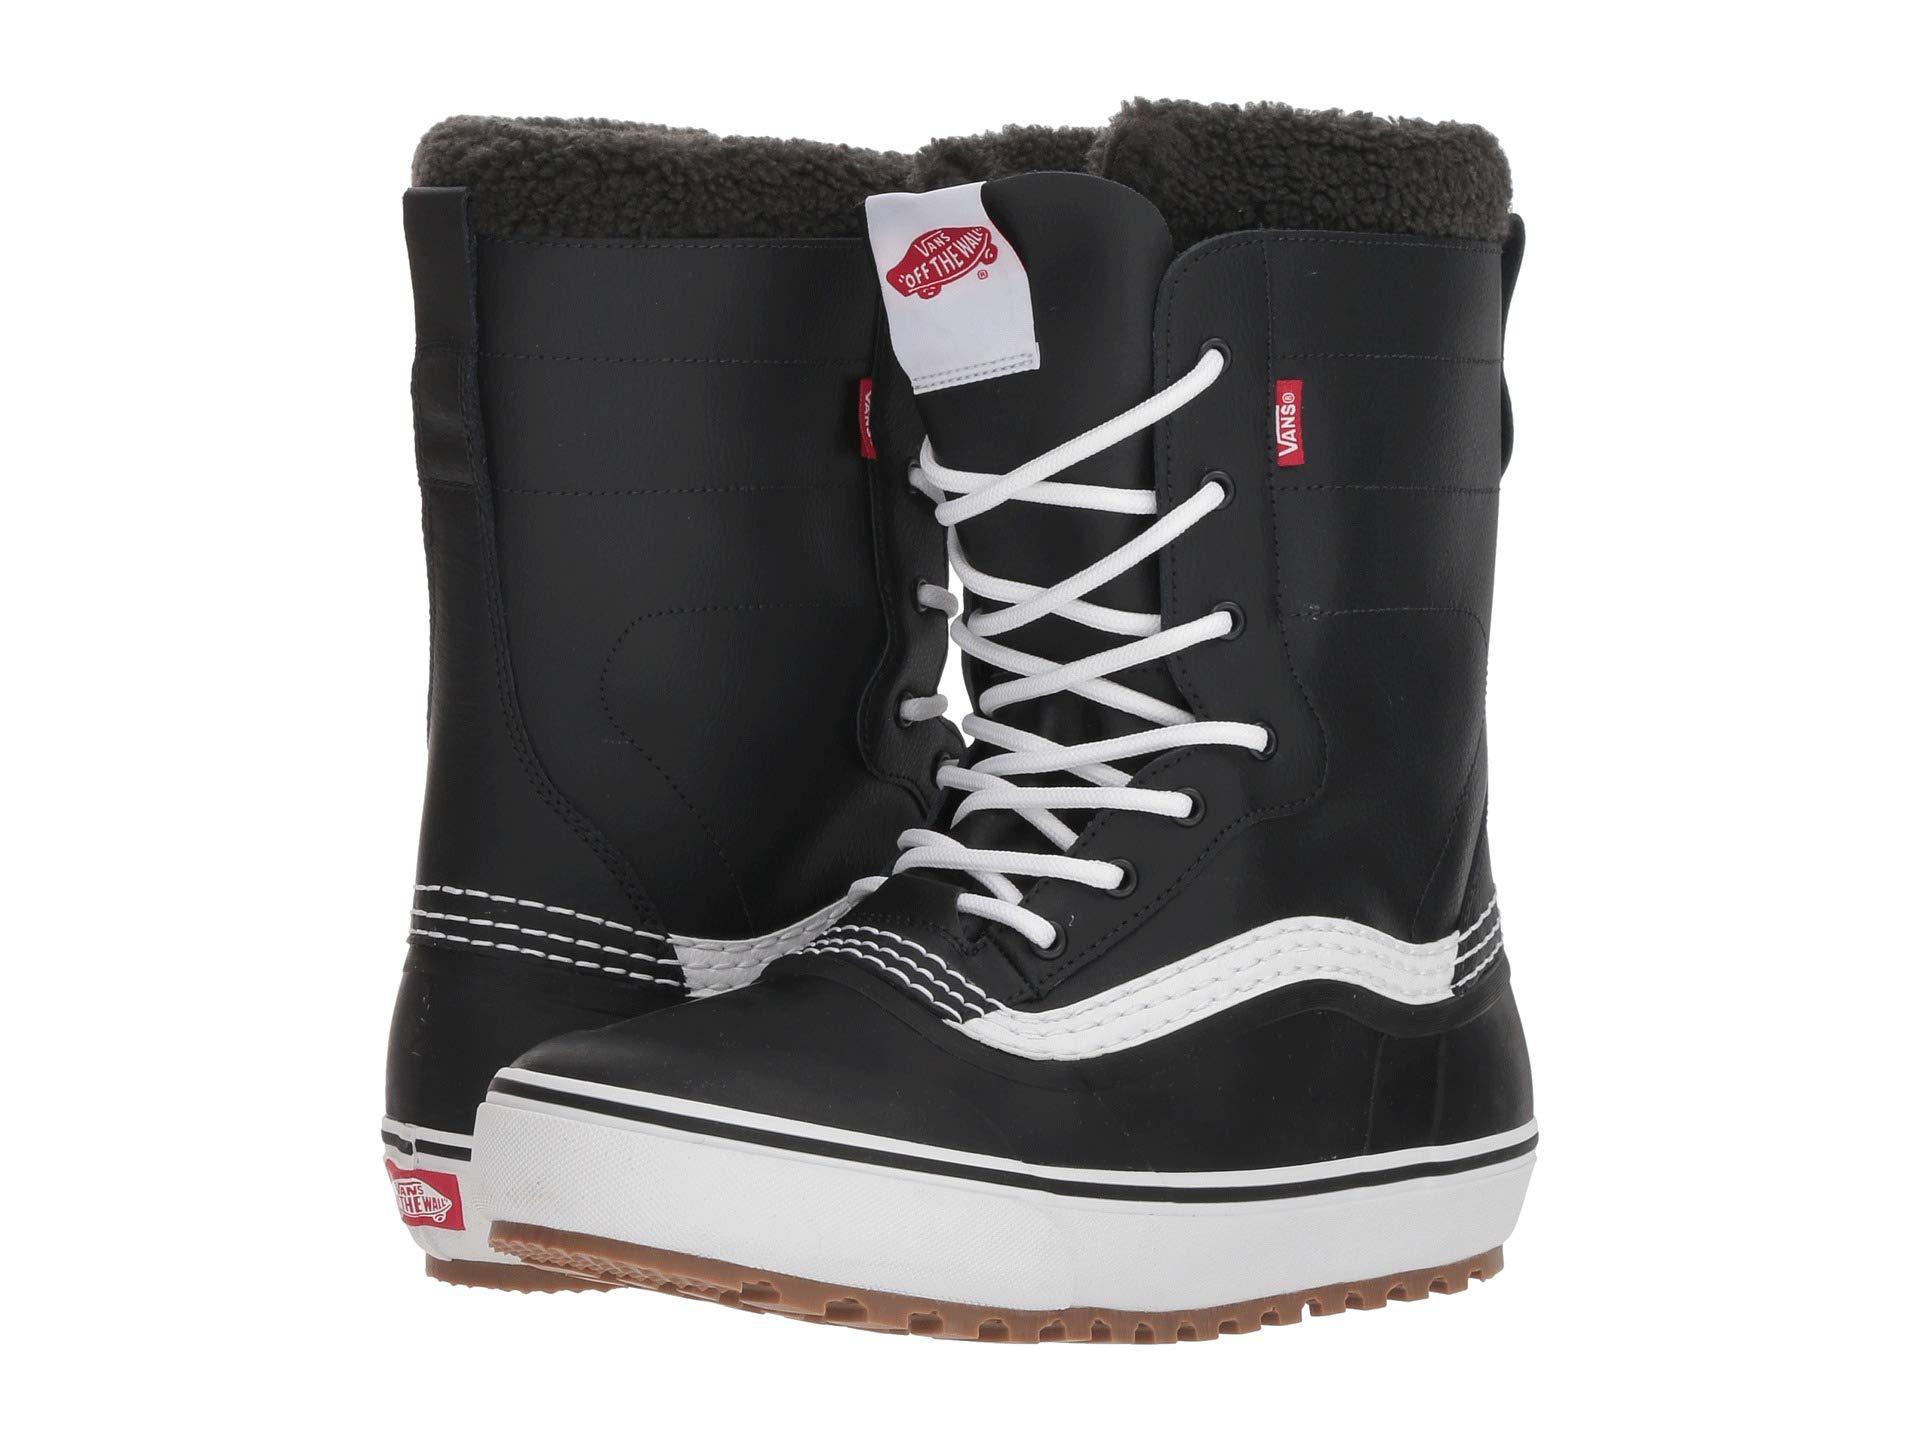 e6148a637b89d1 Lyst - Vans Standardtm Snow Boot  18 (brown white) Men s Snow Shoes ...